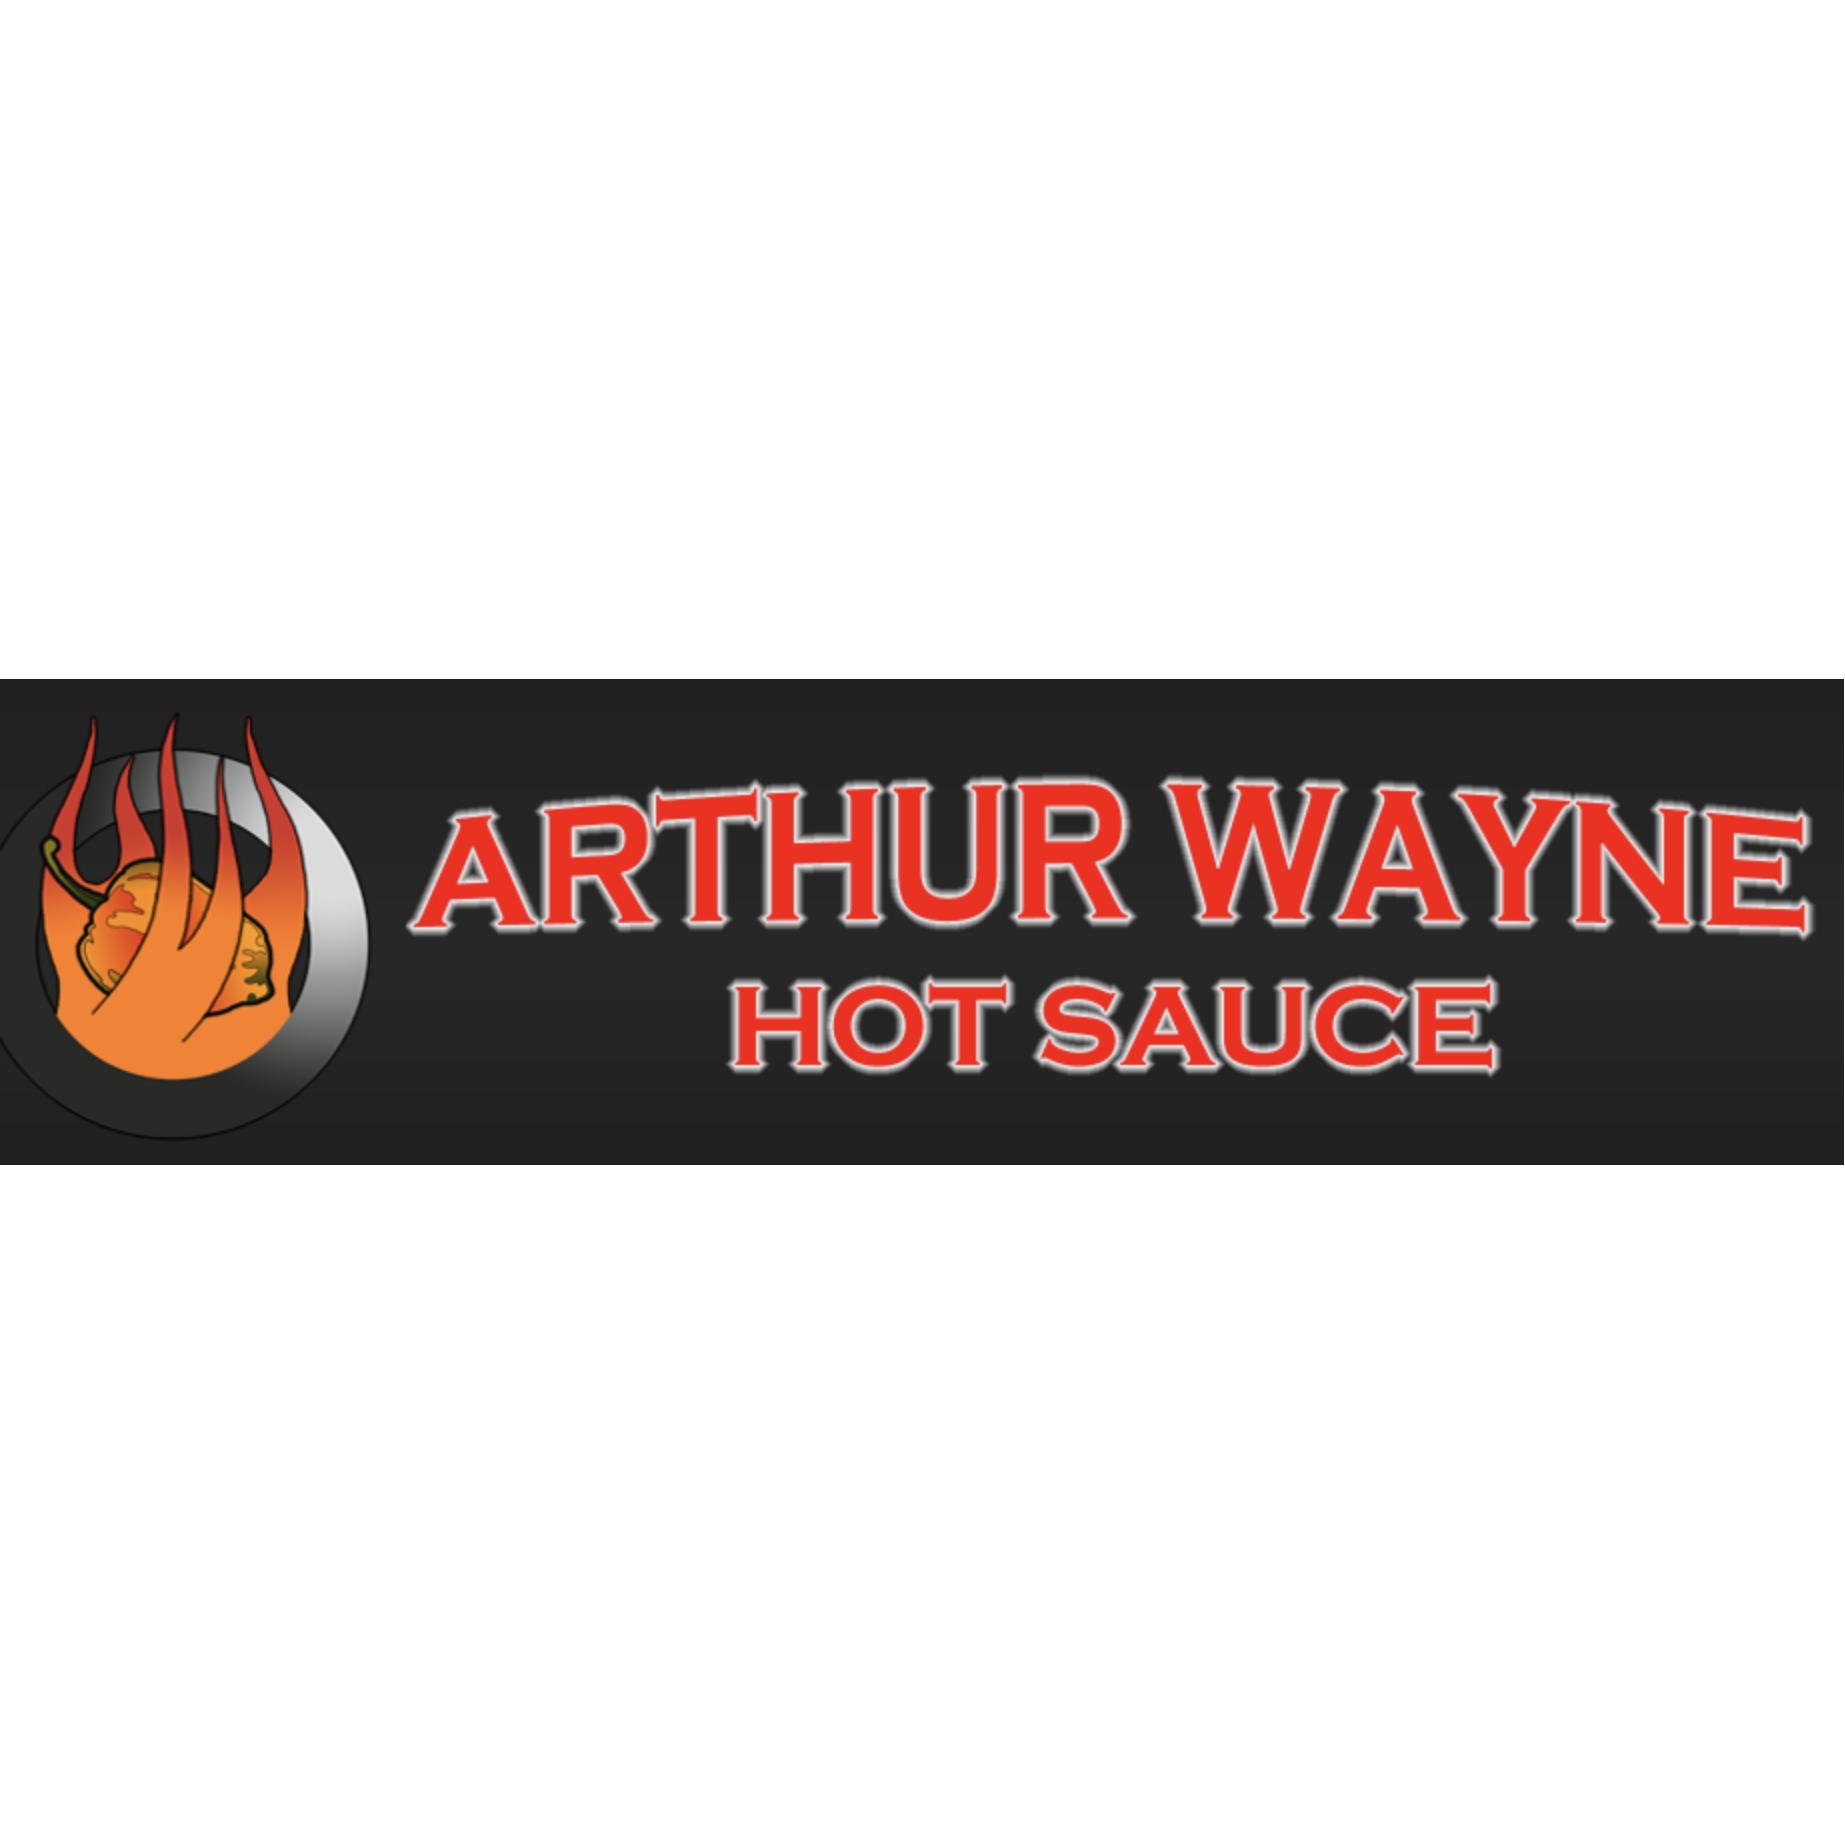 Arthur Wayne Hot Sauce